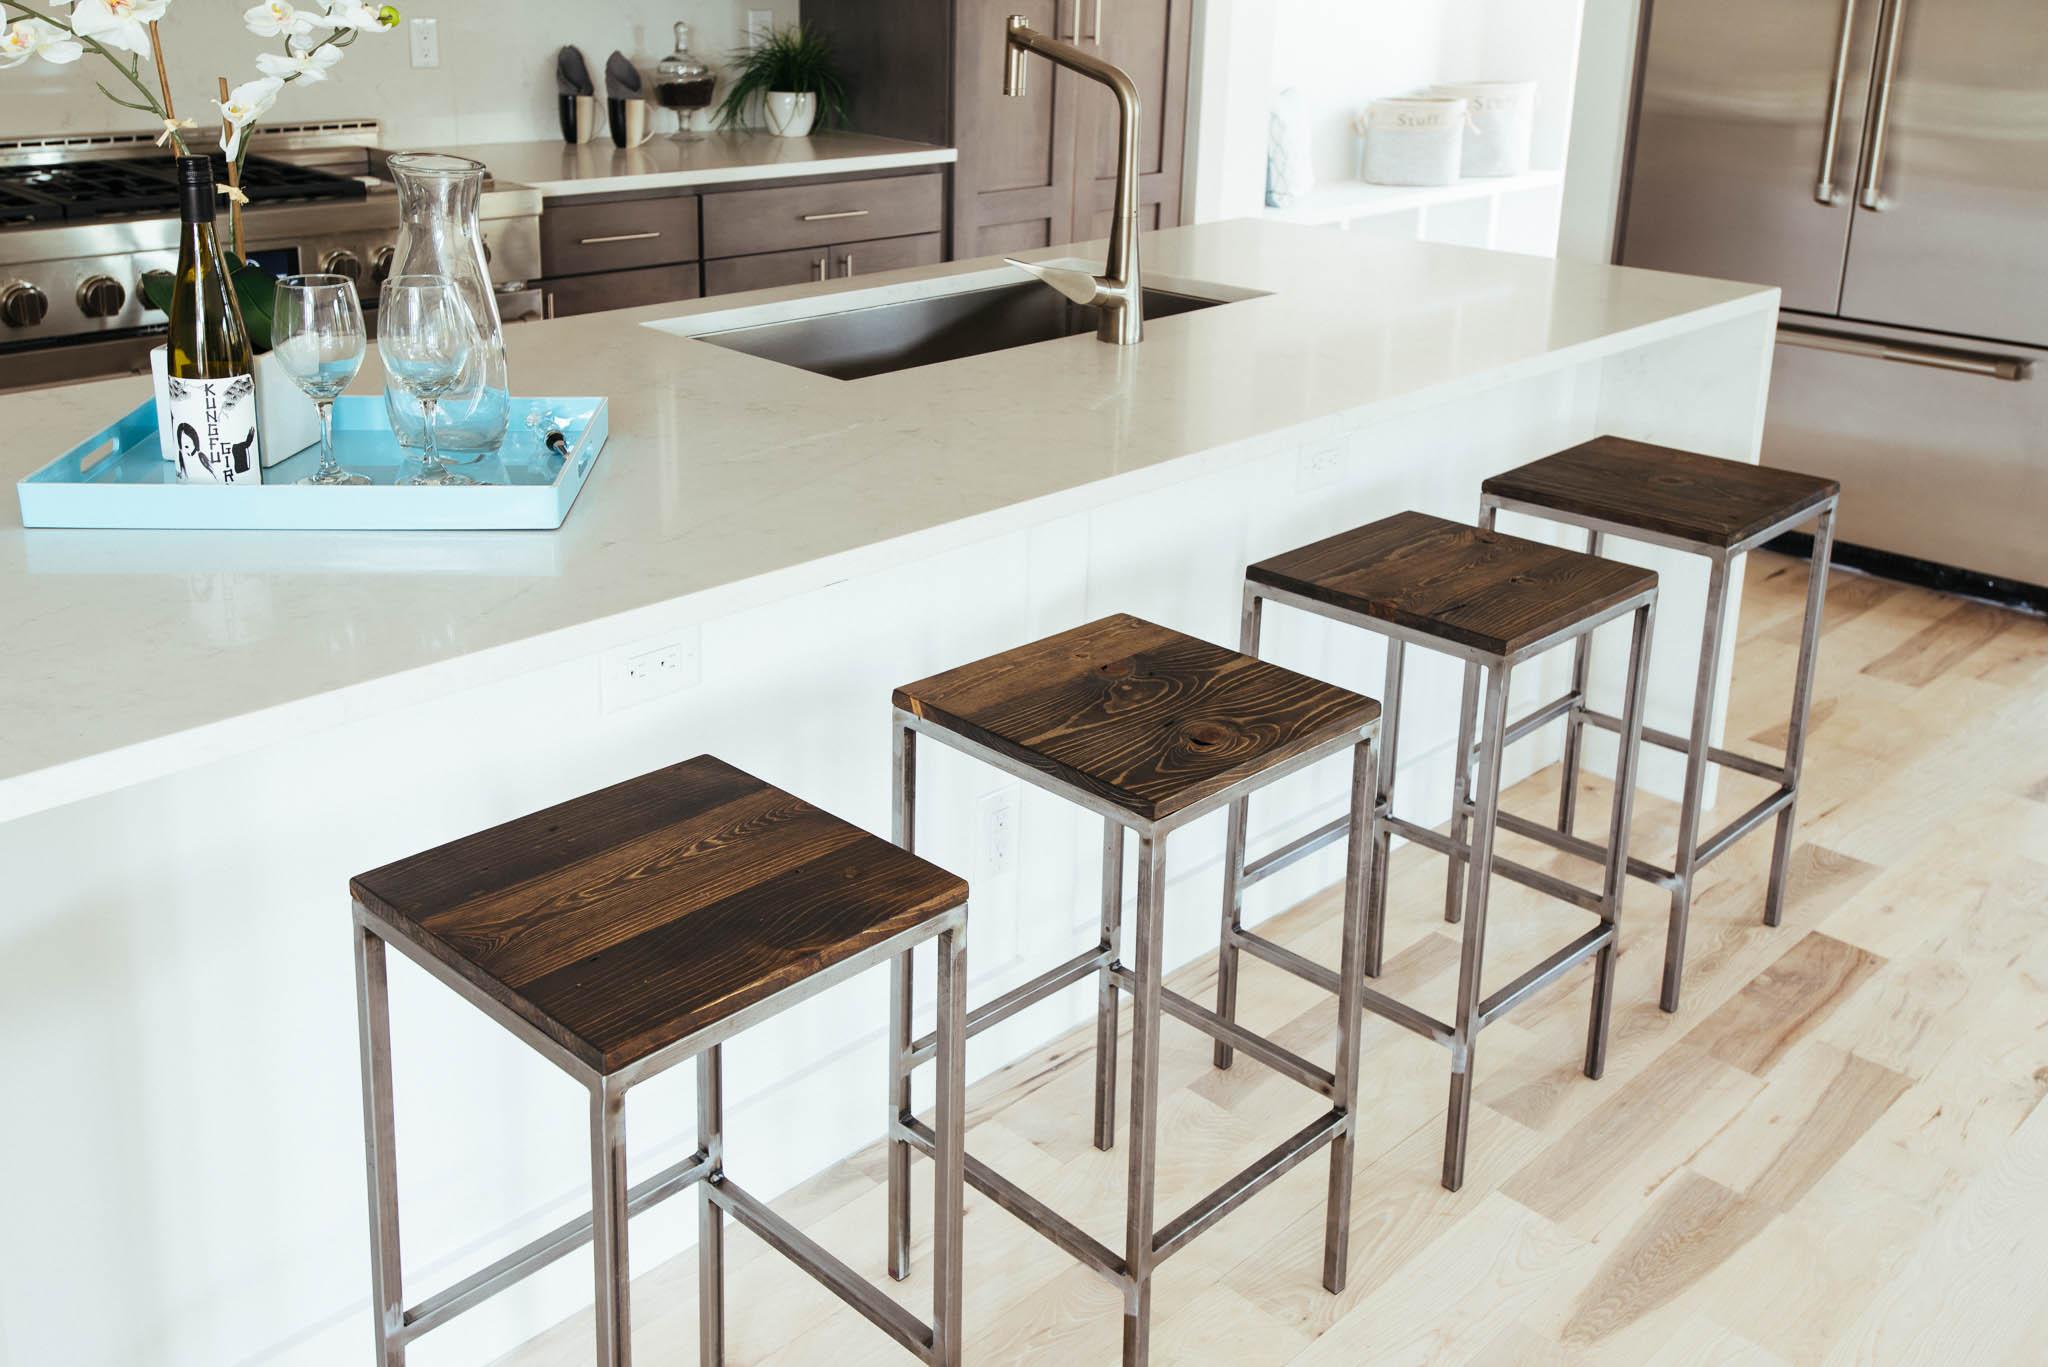 Milwaukee stools